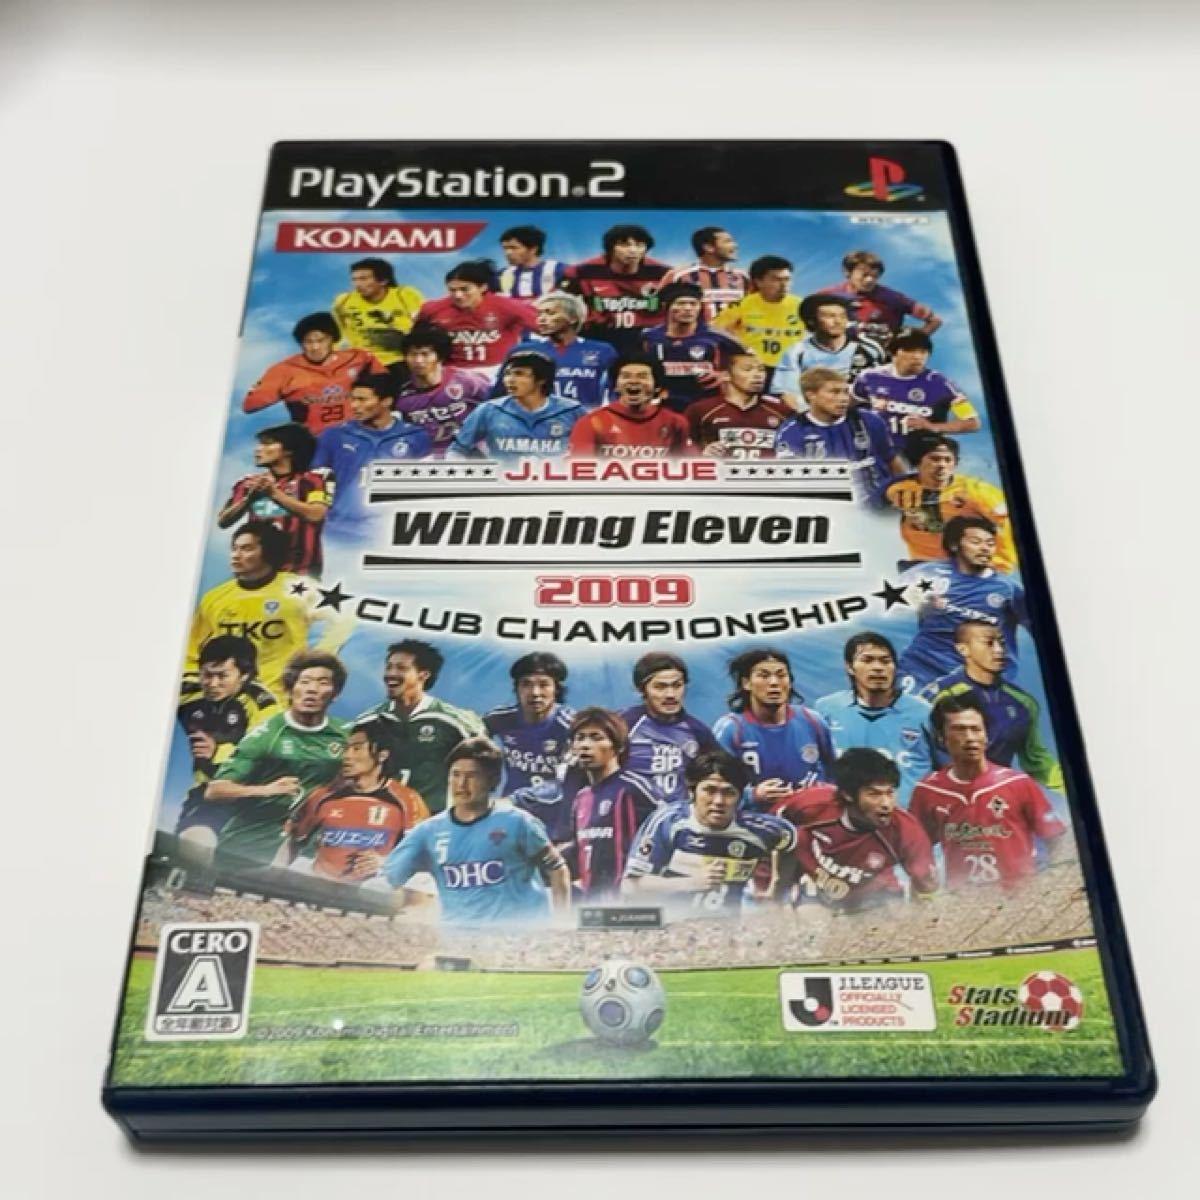 PS2 ウイニングイレブン Jリーグ 【PS2】 Jリーグウイニングイレブン2009 クラブチャンピオンシップ